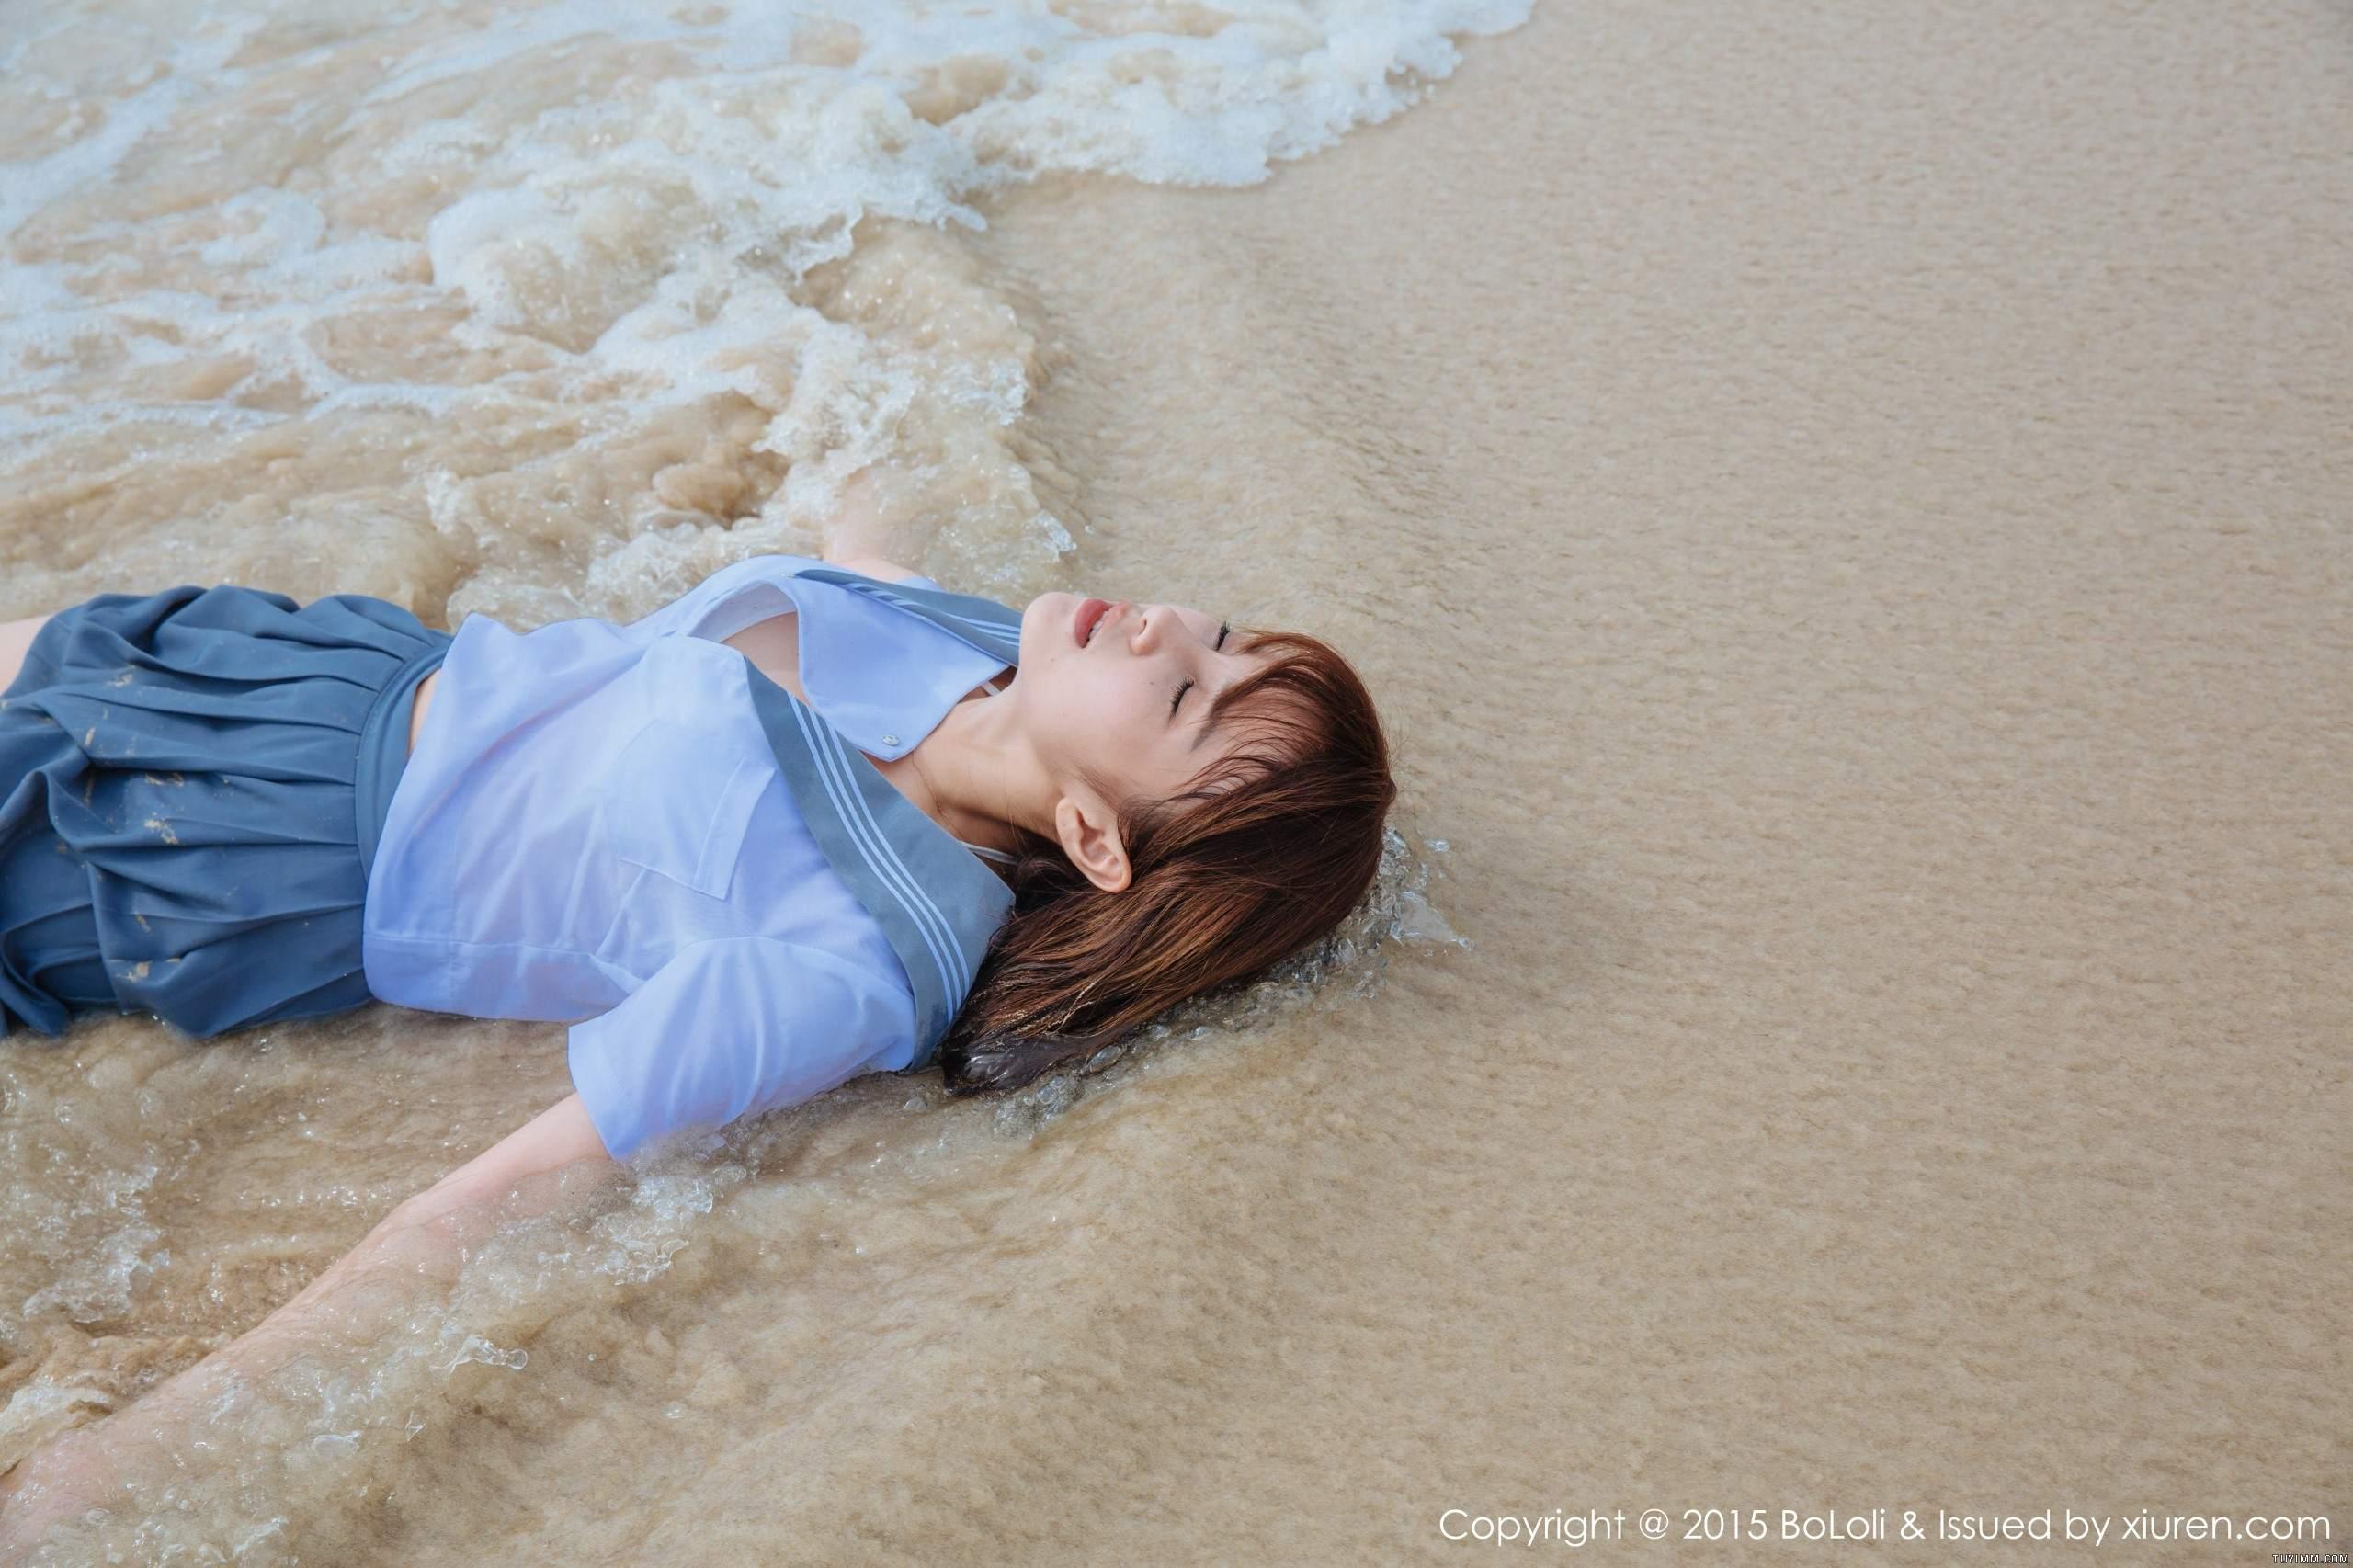 [福利]海边的辅助网-第12张图片-哔哔娱乐网